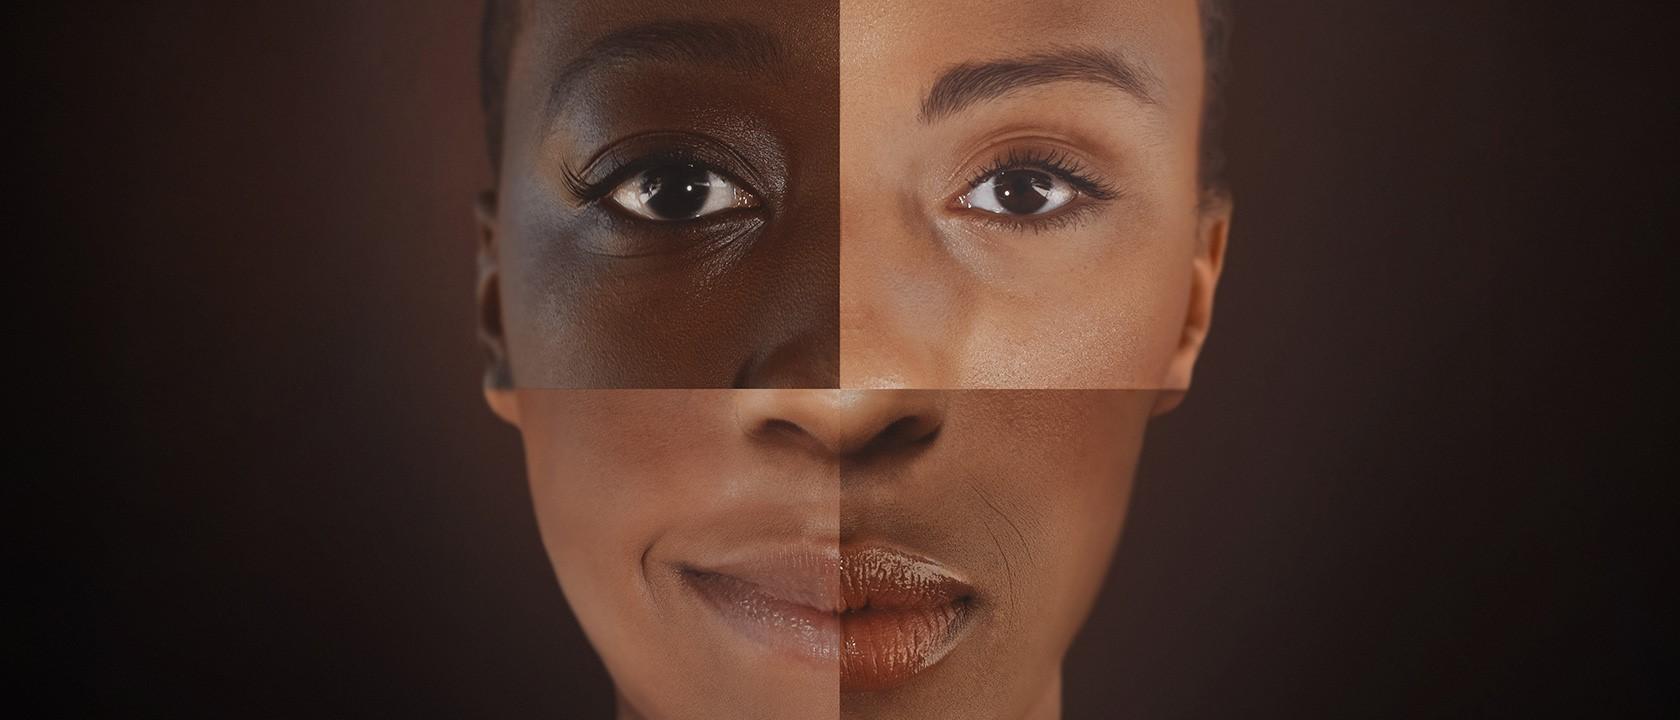 svarta människor kön webbplats Porr svart flicka